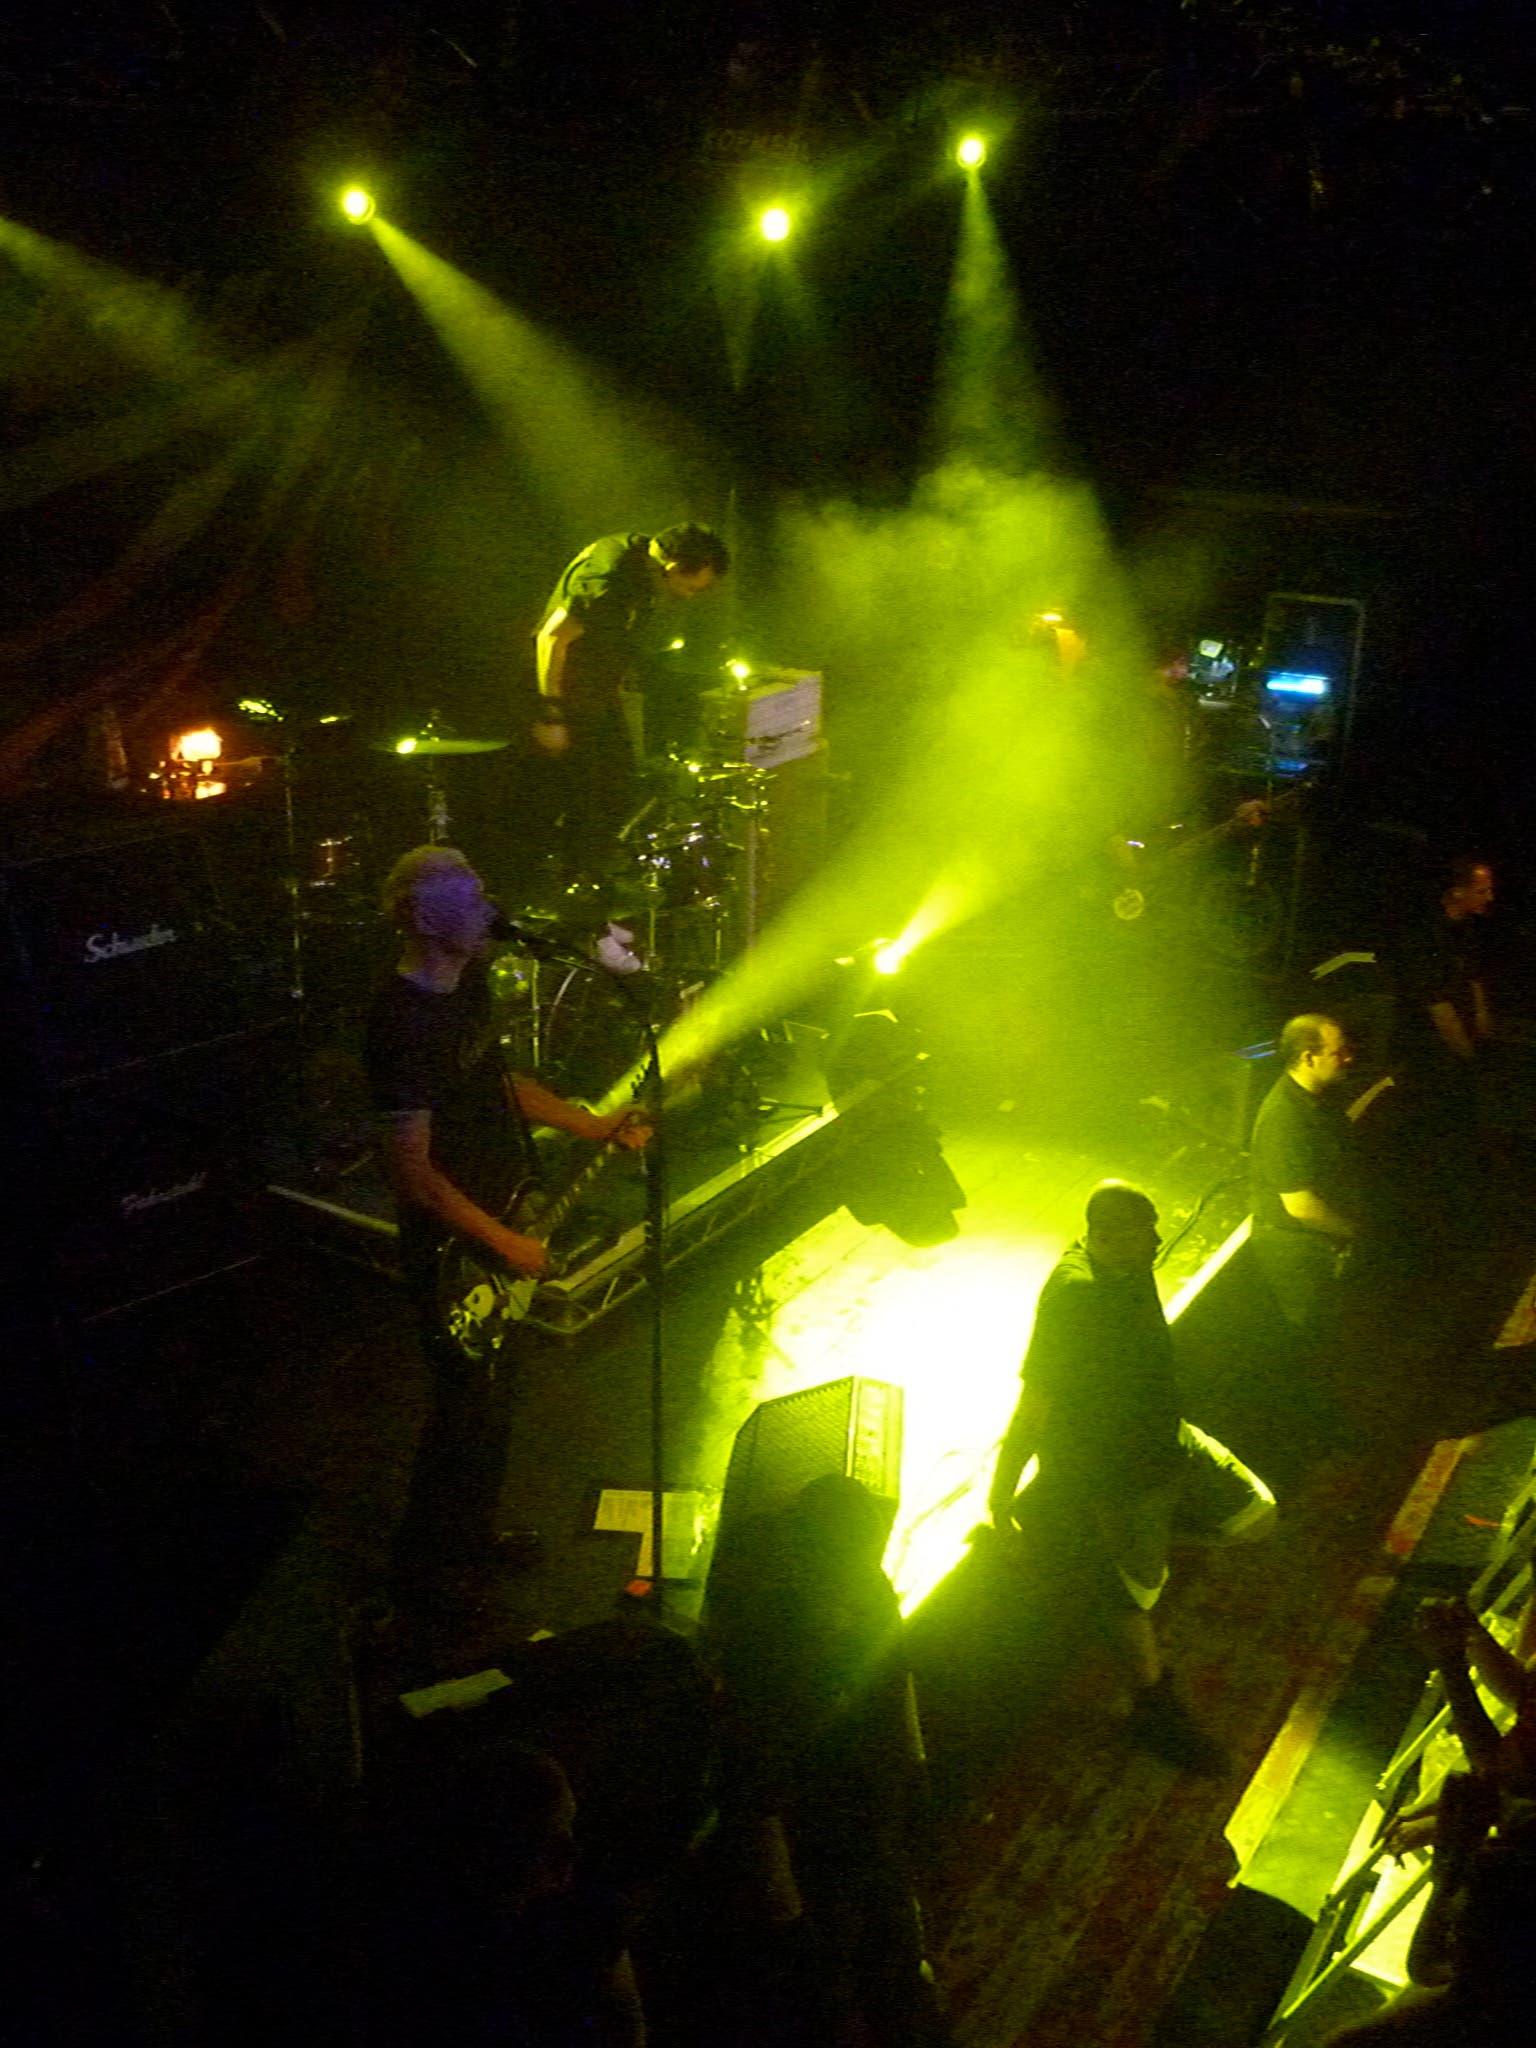 Laternen Joe bei ihrem Auftritt in der Kulturfabrik Kofmehl (Fotos: Simon Mössinger)